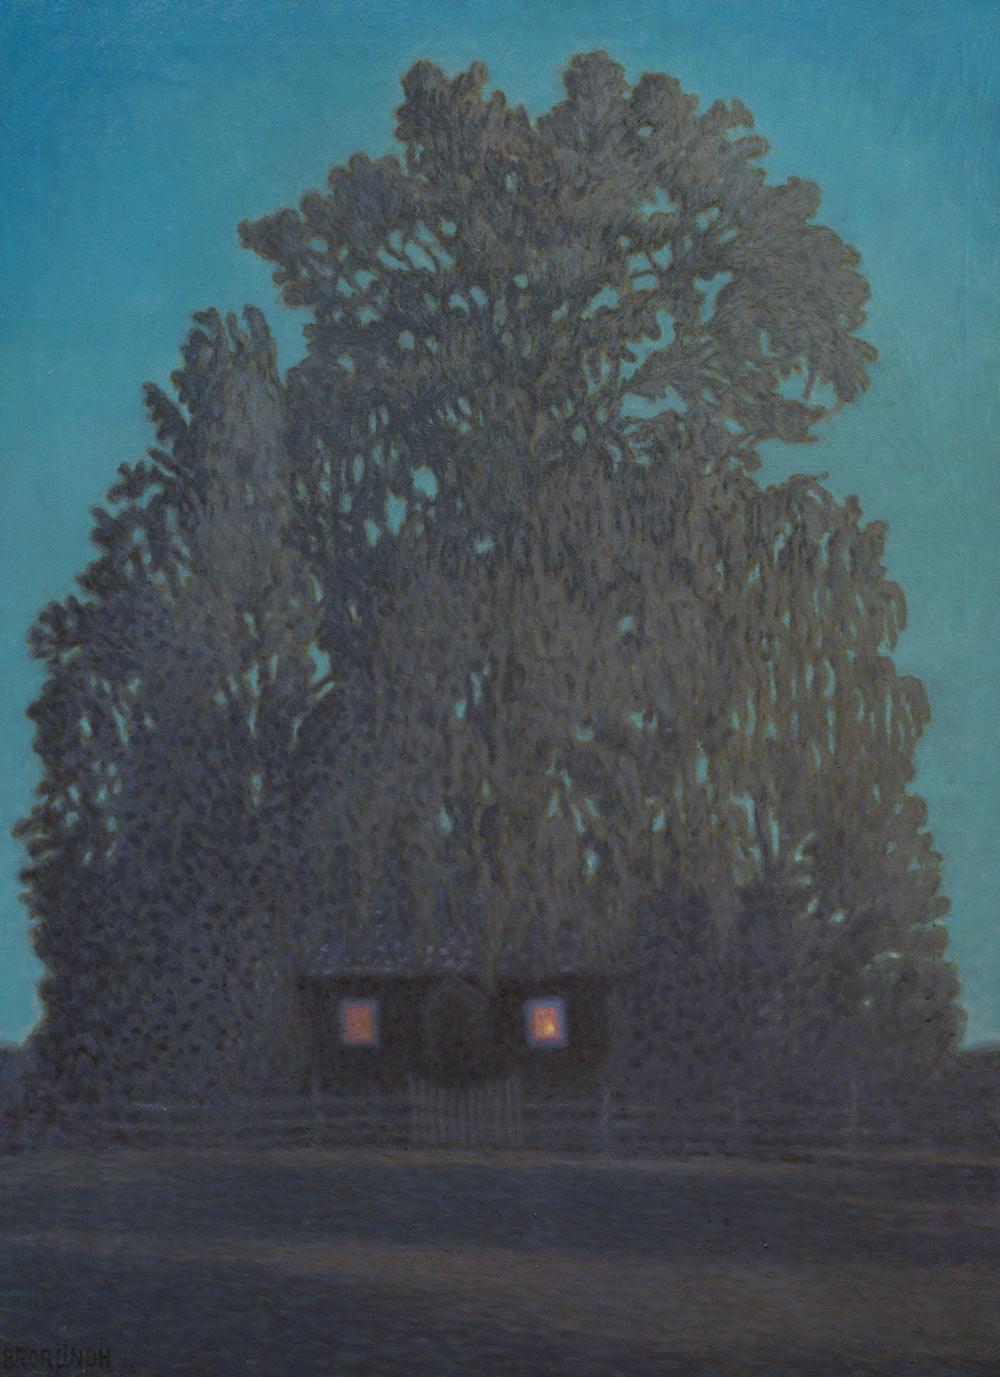 Oljemålning av Bror Lindh